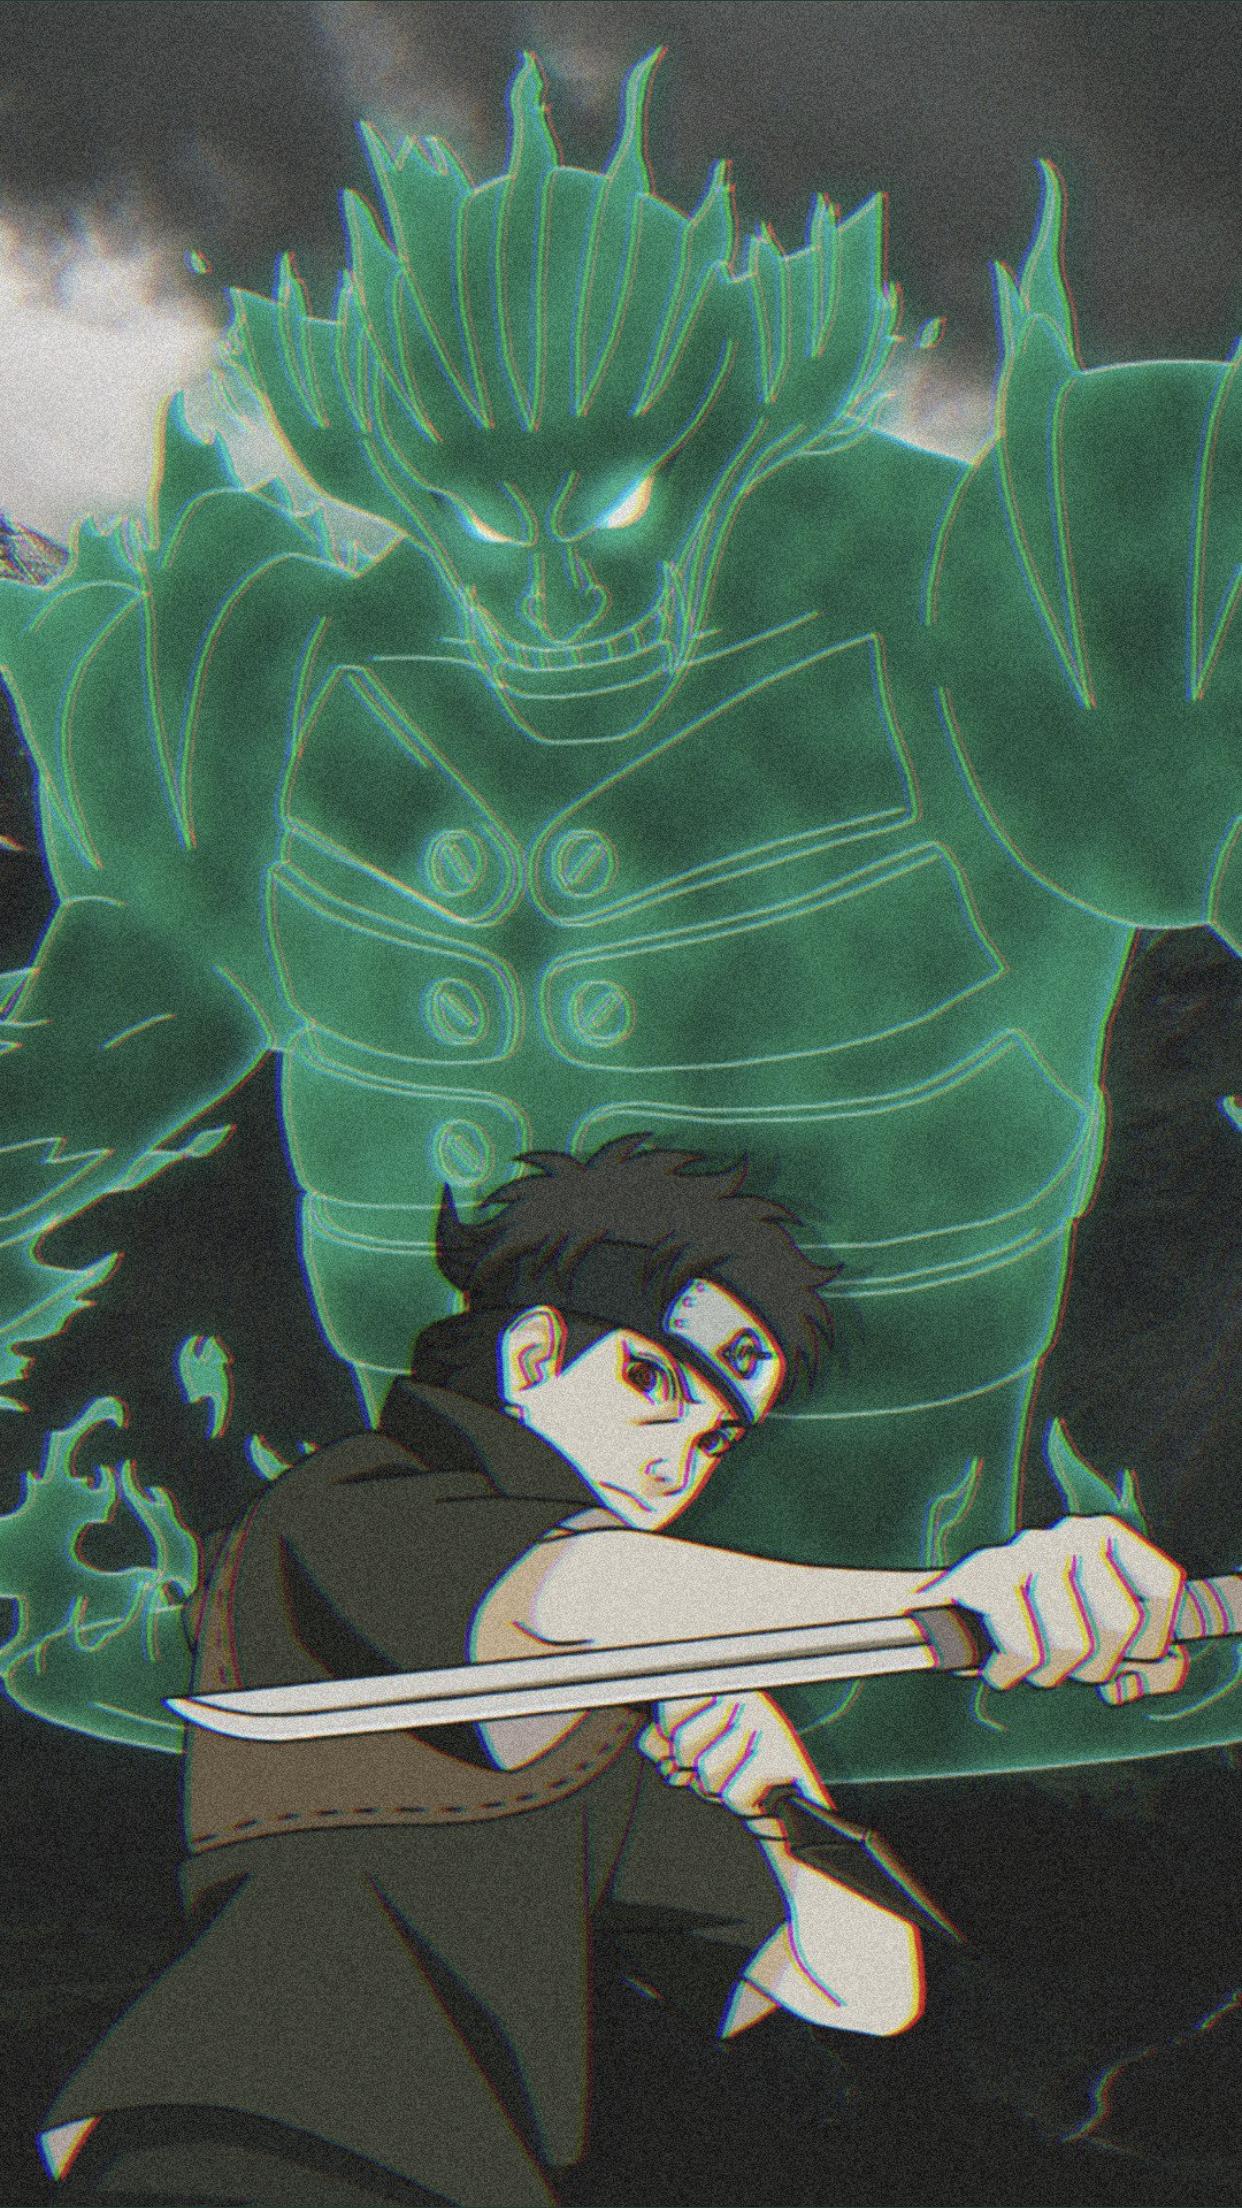 Shisui Arte Naruto Fan Art Naruto Naruto Shippuden Sasuke